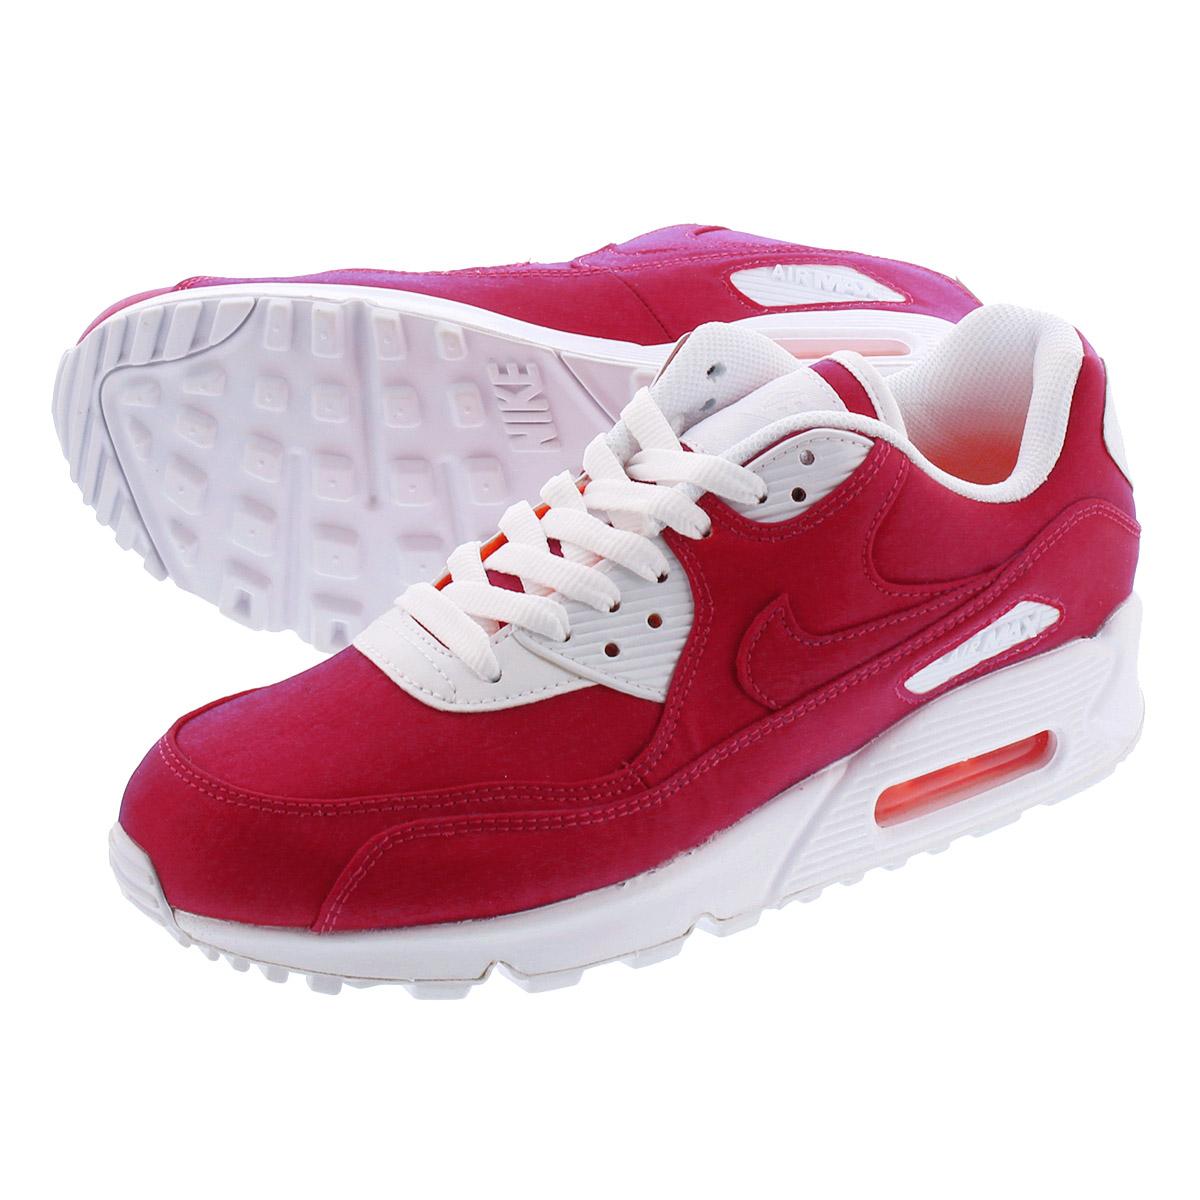 NIKE WMNS AIR MAX 90 SE Nike women Air Max 90 SE HYPER CRIMSONWHITE 881,105 800